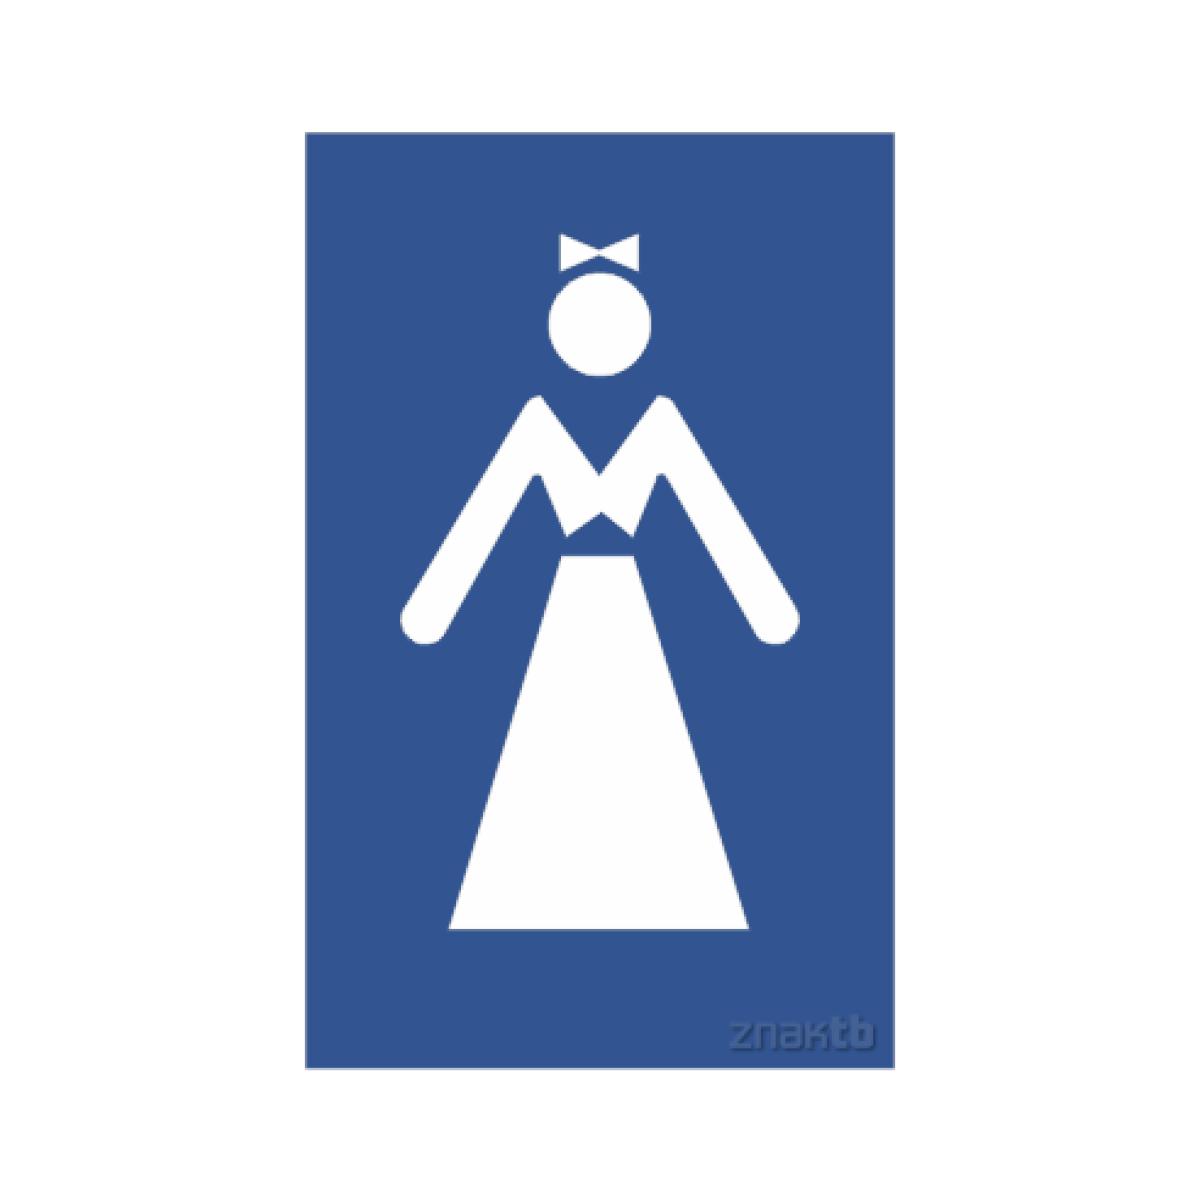 Знак женский туалет